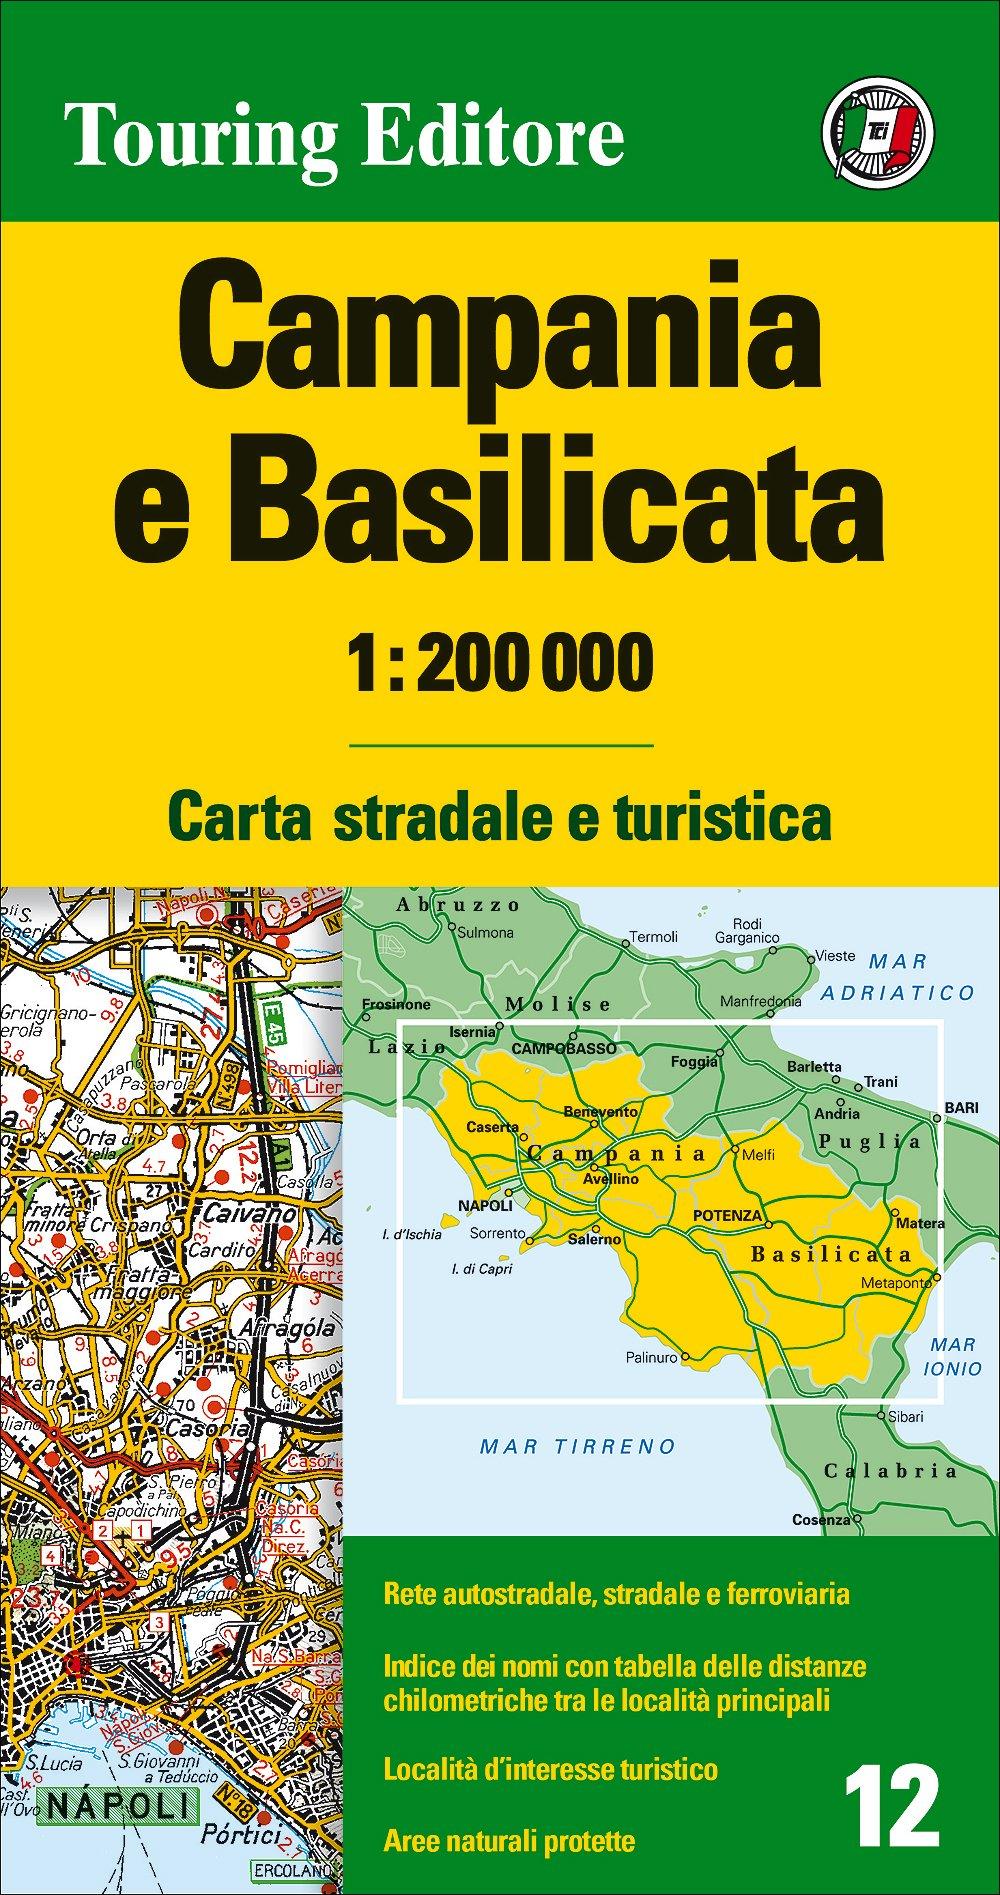 Cartina Stradale Puglia Michelin.Amazon It Campania E Basilicata 1 200 000 Carta Stradale E Turistica Aa Vv Libri In Altre Lingue